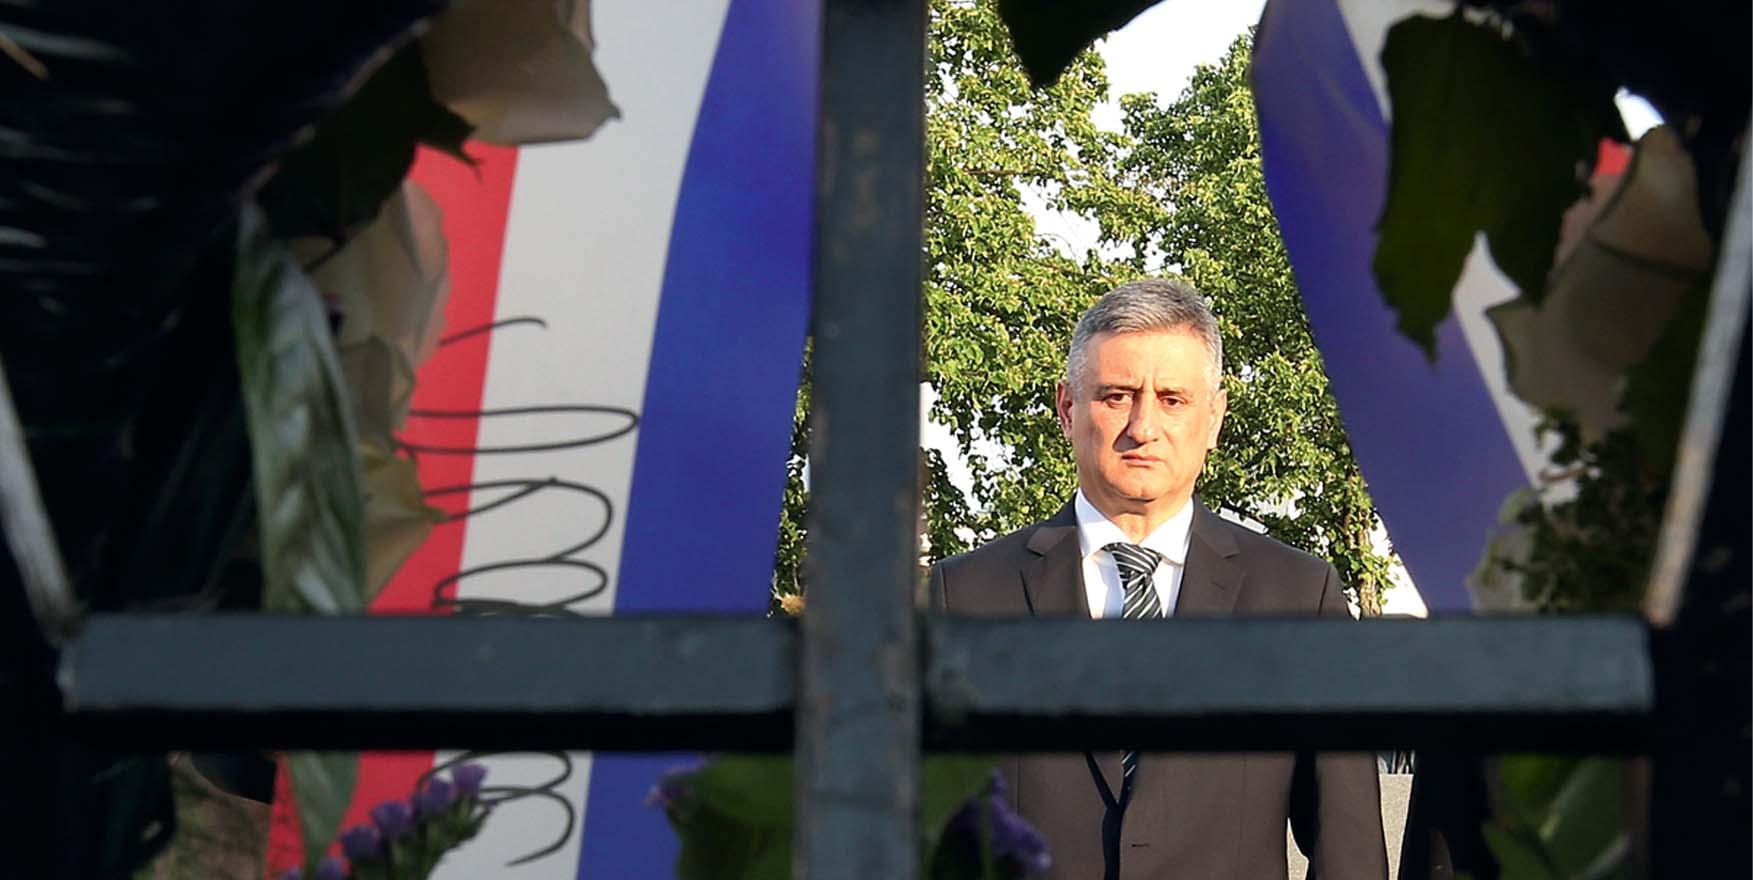 """'Karamarko ne bi mogao proći sigurnosnu provjeru, a želi voditi 'domovinsku sigurnost"""""""